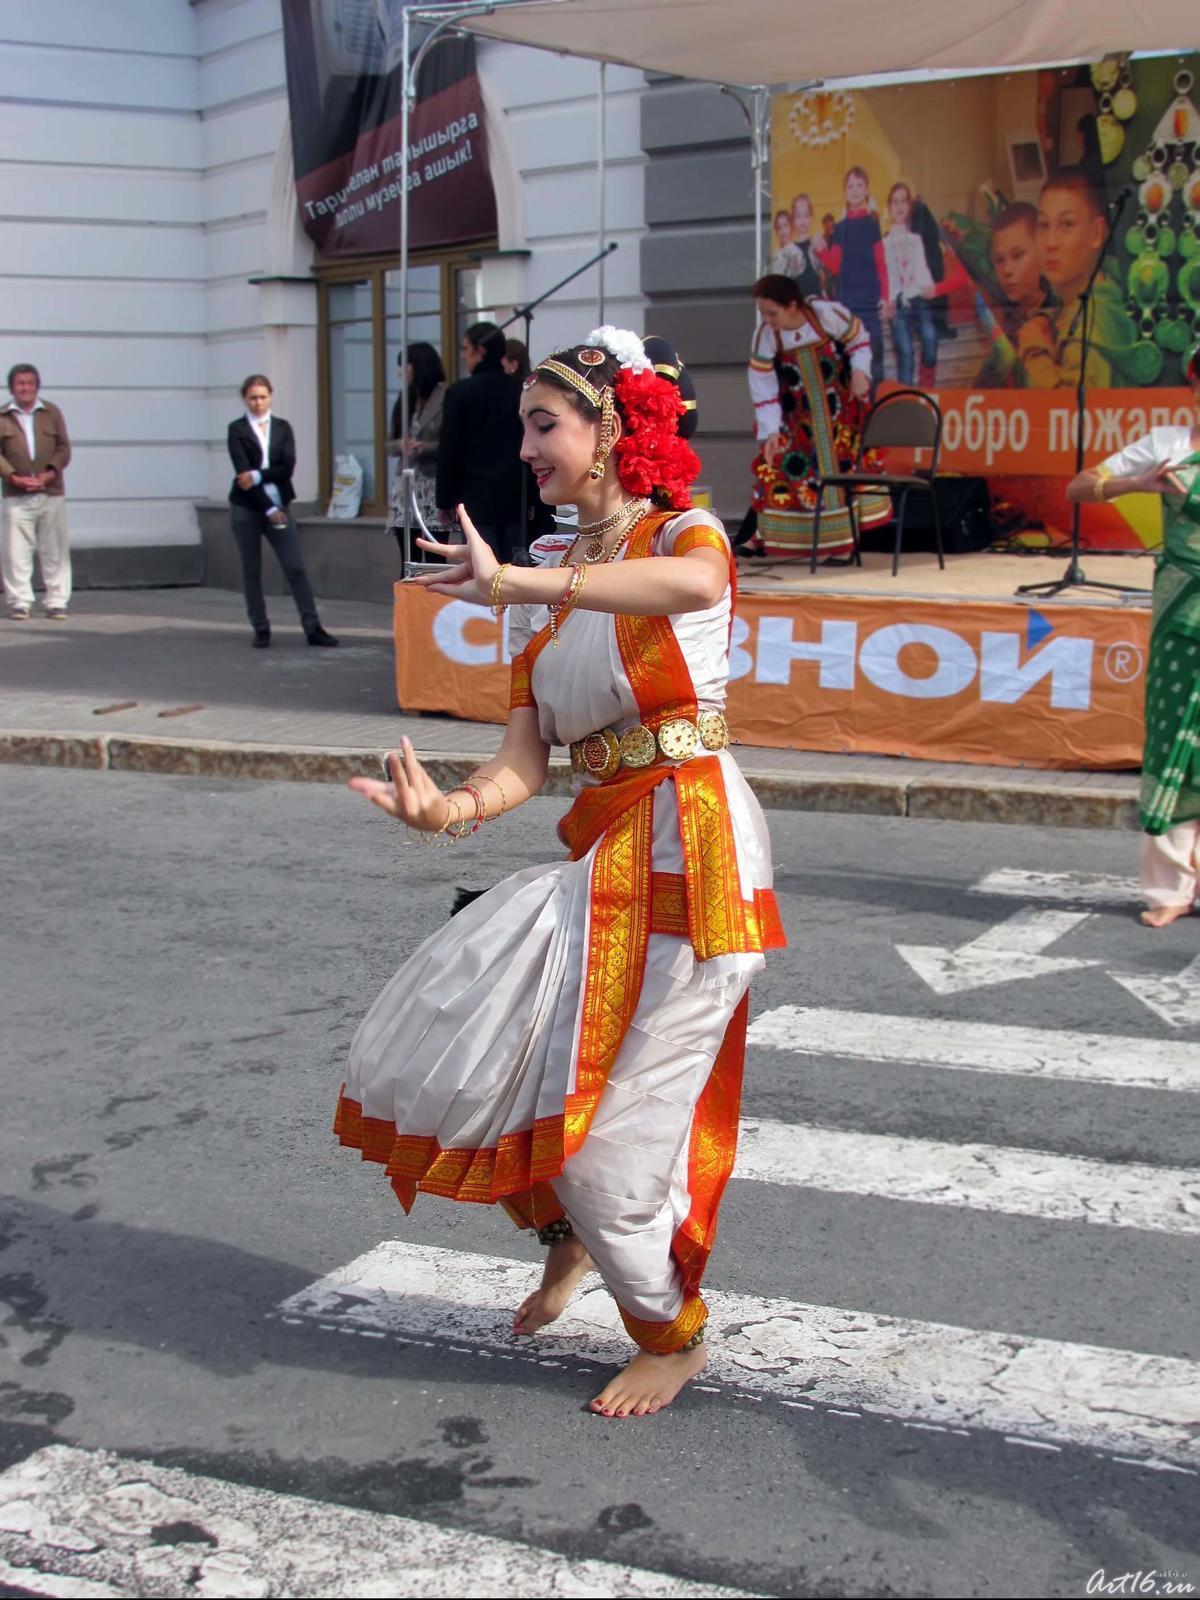 Фото №58996. Индийский танец  на площади 1 мая перед НМ РТ